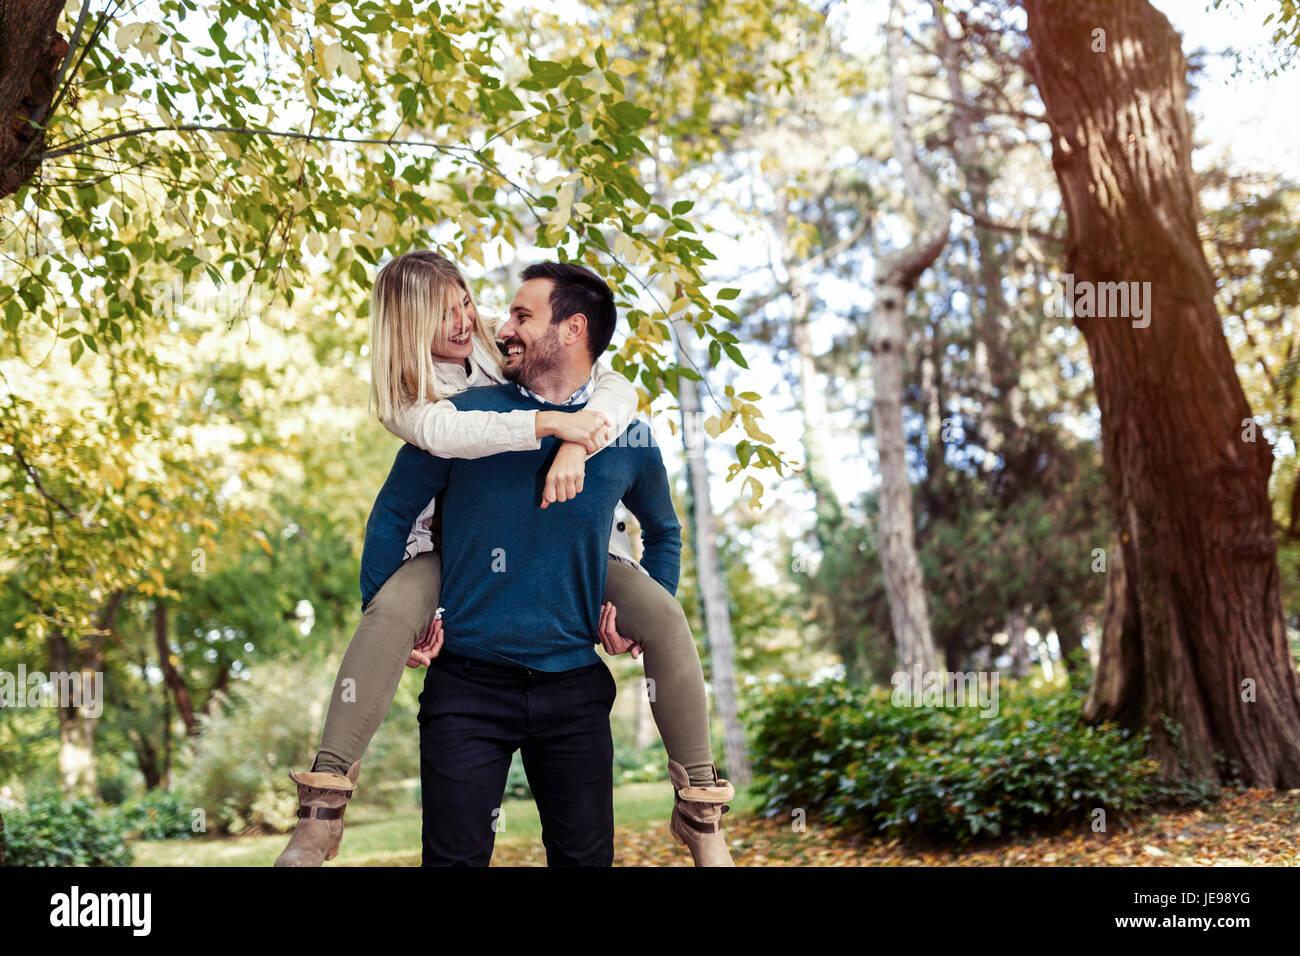 Gut aussehender Mann gibt seine beautful Freundin Huckepack Stockbild